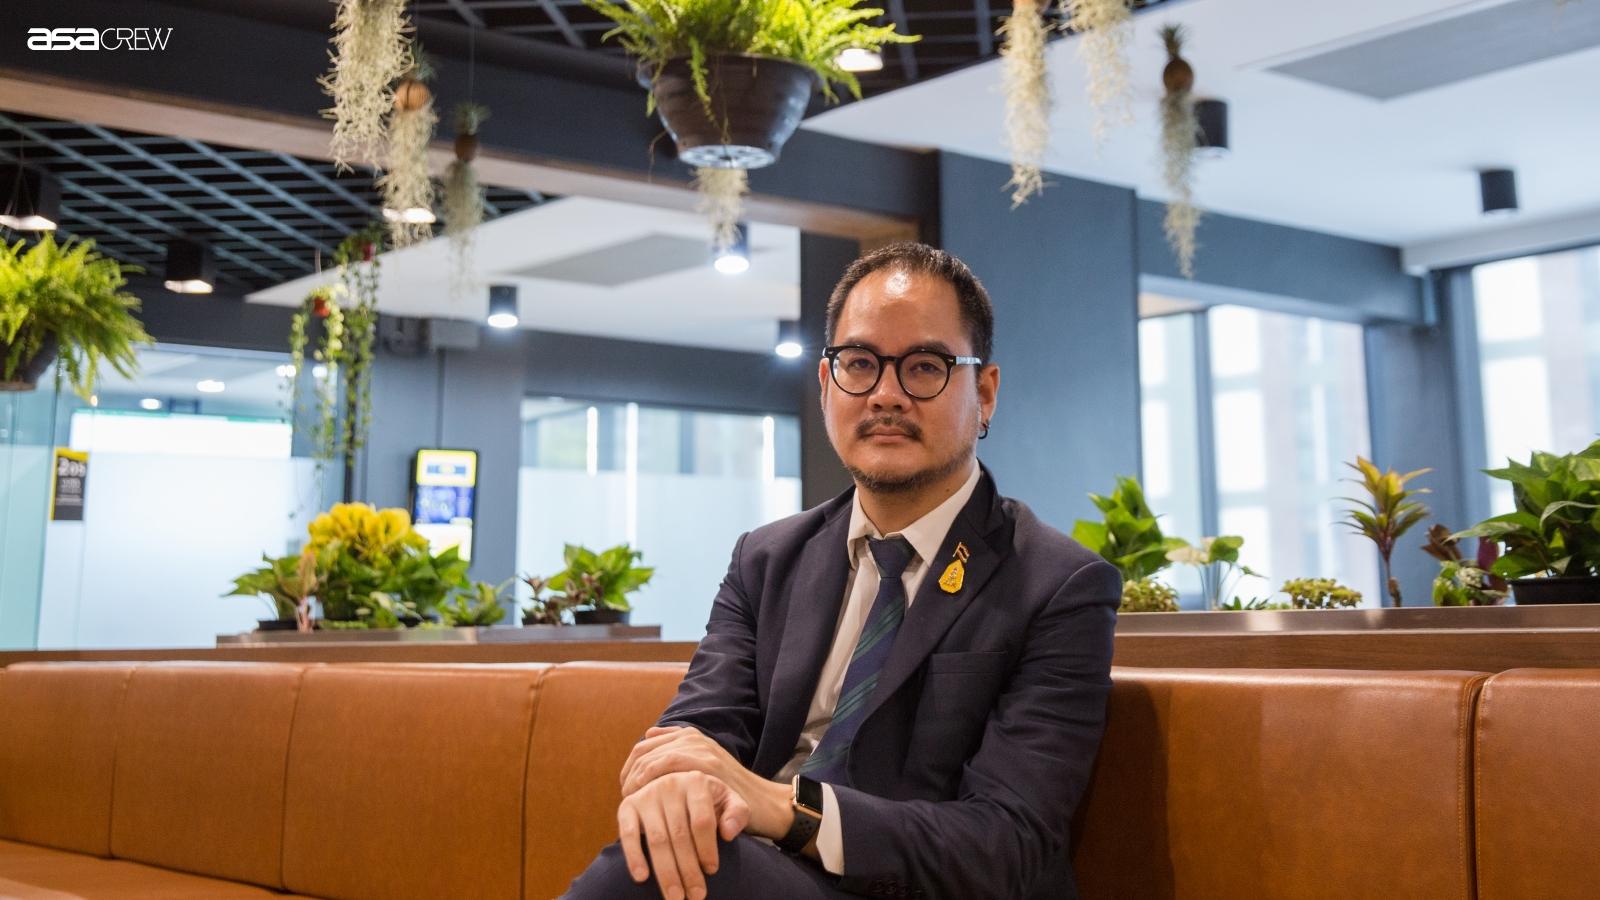 Interview: ดร.นนท์ อัครประเสริฐกุล ฝ่ายส่งเสริมเมืองอัจฉริยะ สำนักงานส่งเสริมเศรษฐกิจดิจิทัล